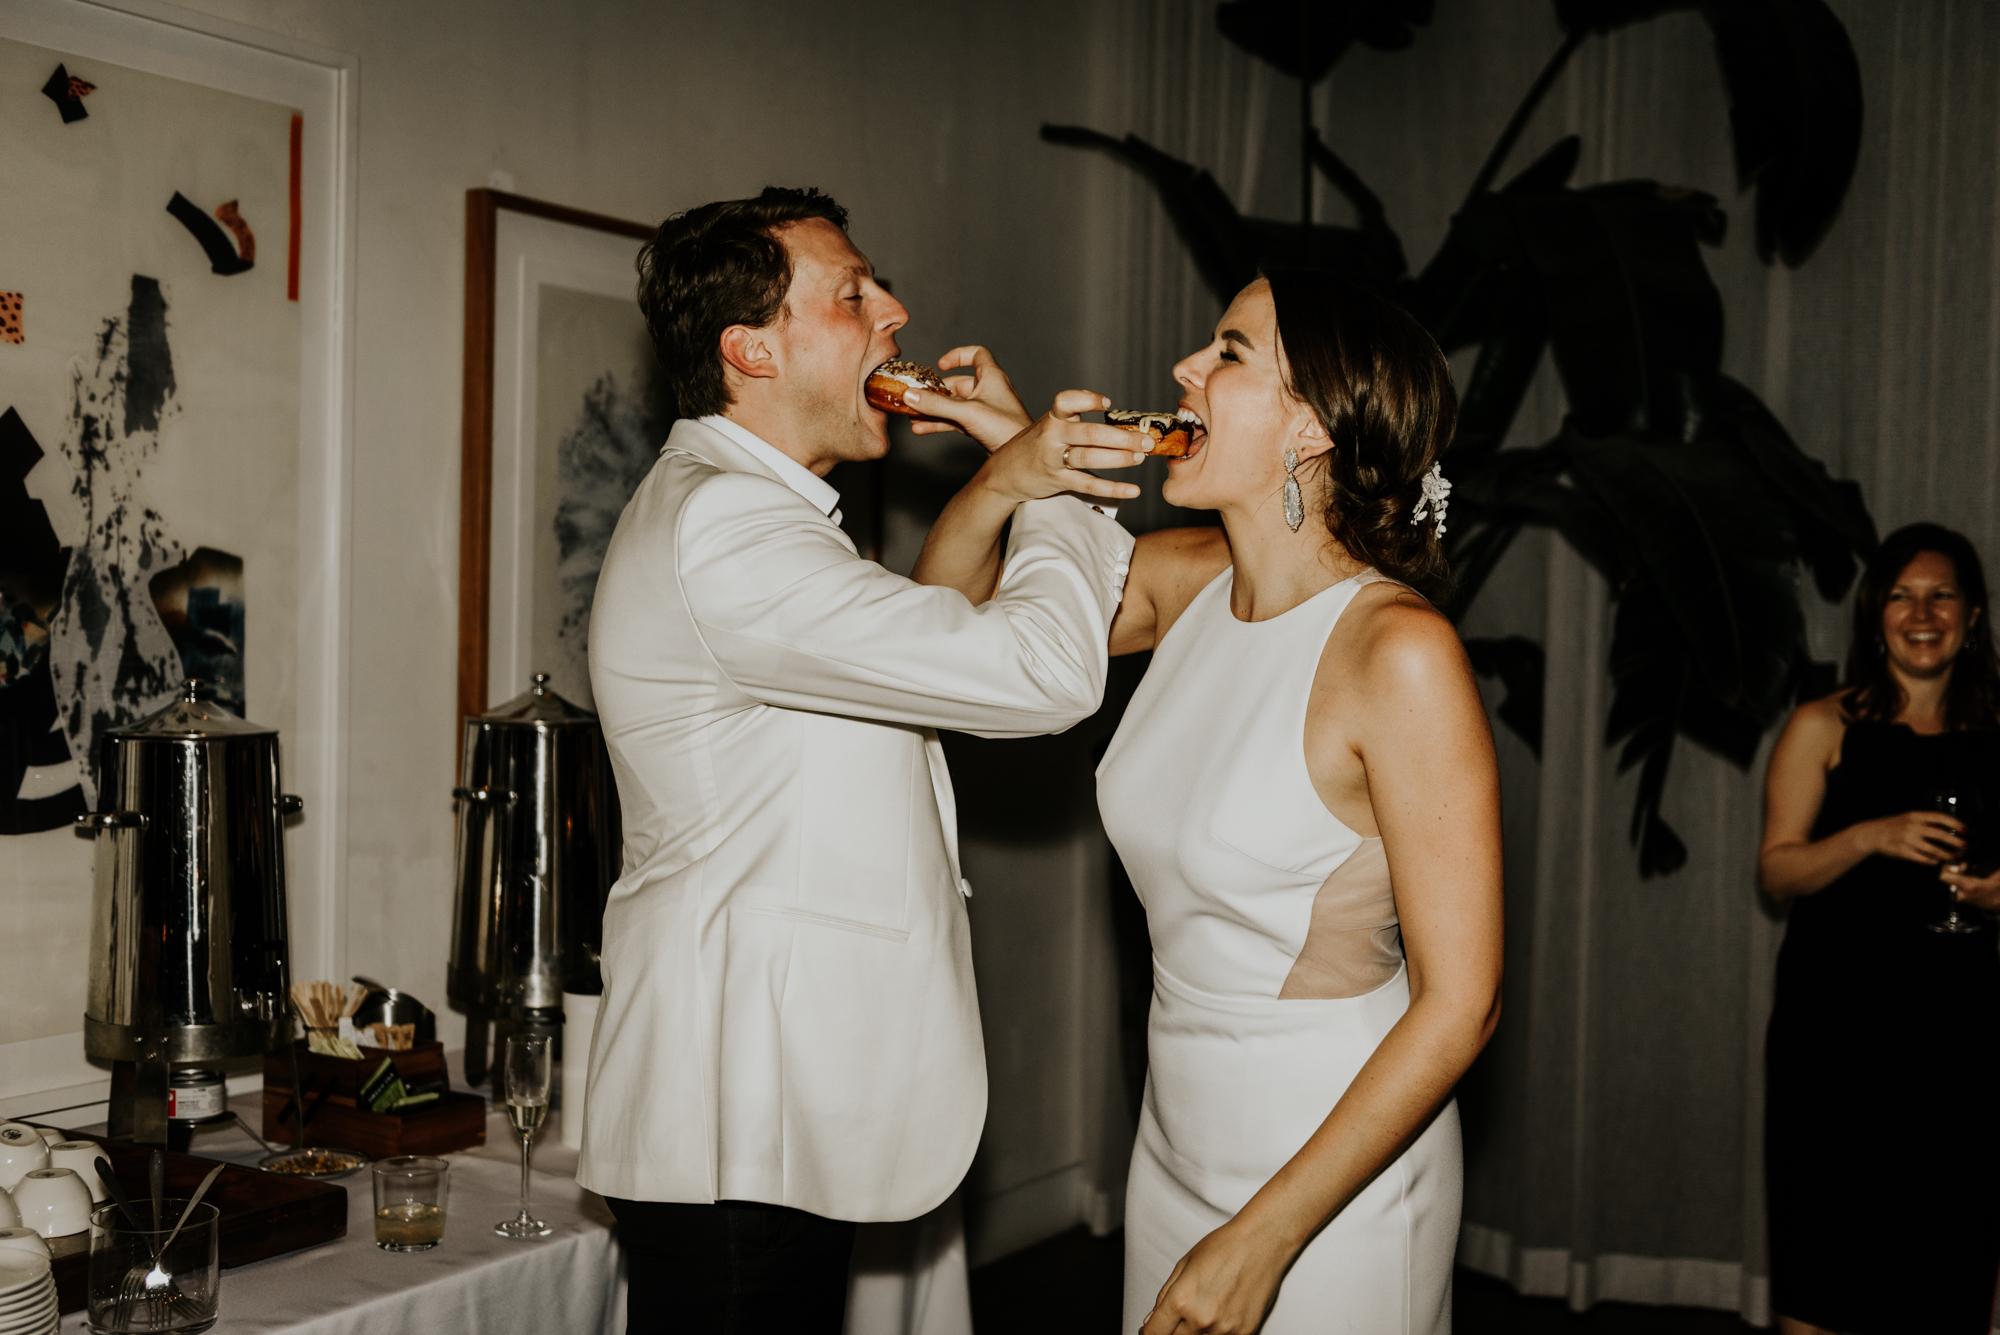 South Congress Hotel Wedding Photos Austin, Texas